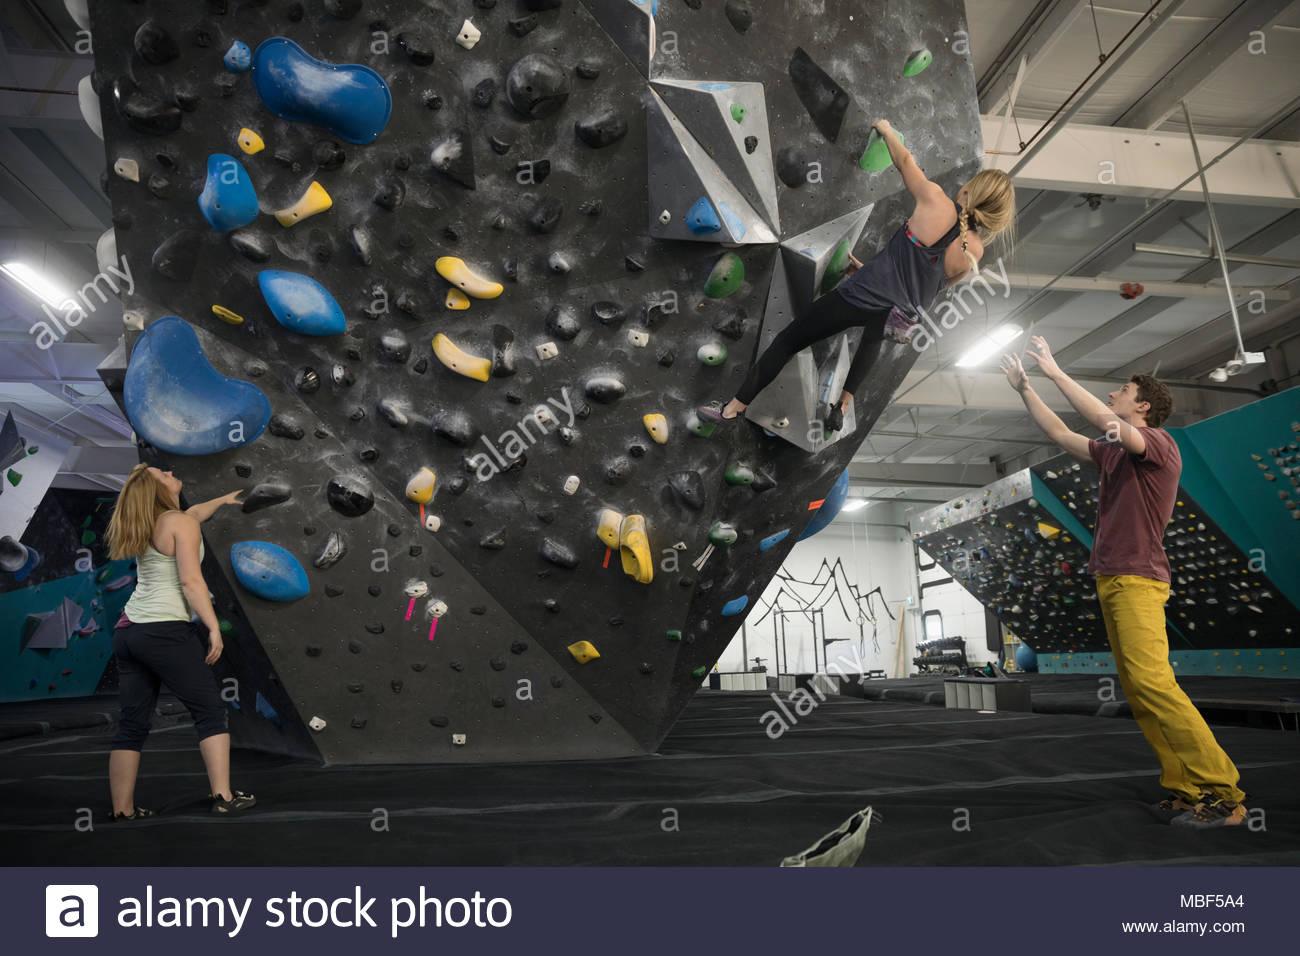 Kletterer spotting Partner kletterwand an der Kletterhalle Stockbild